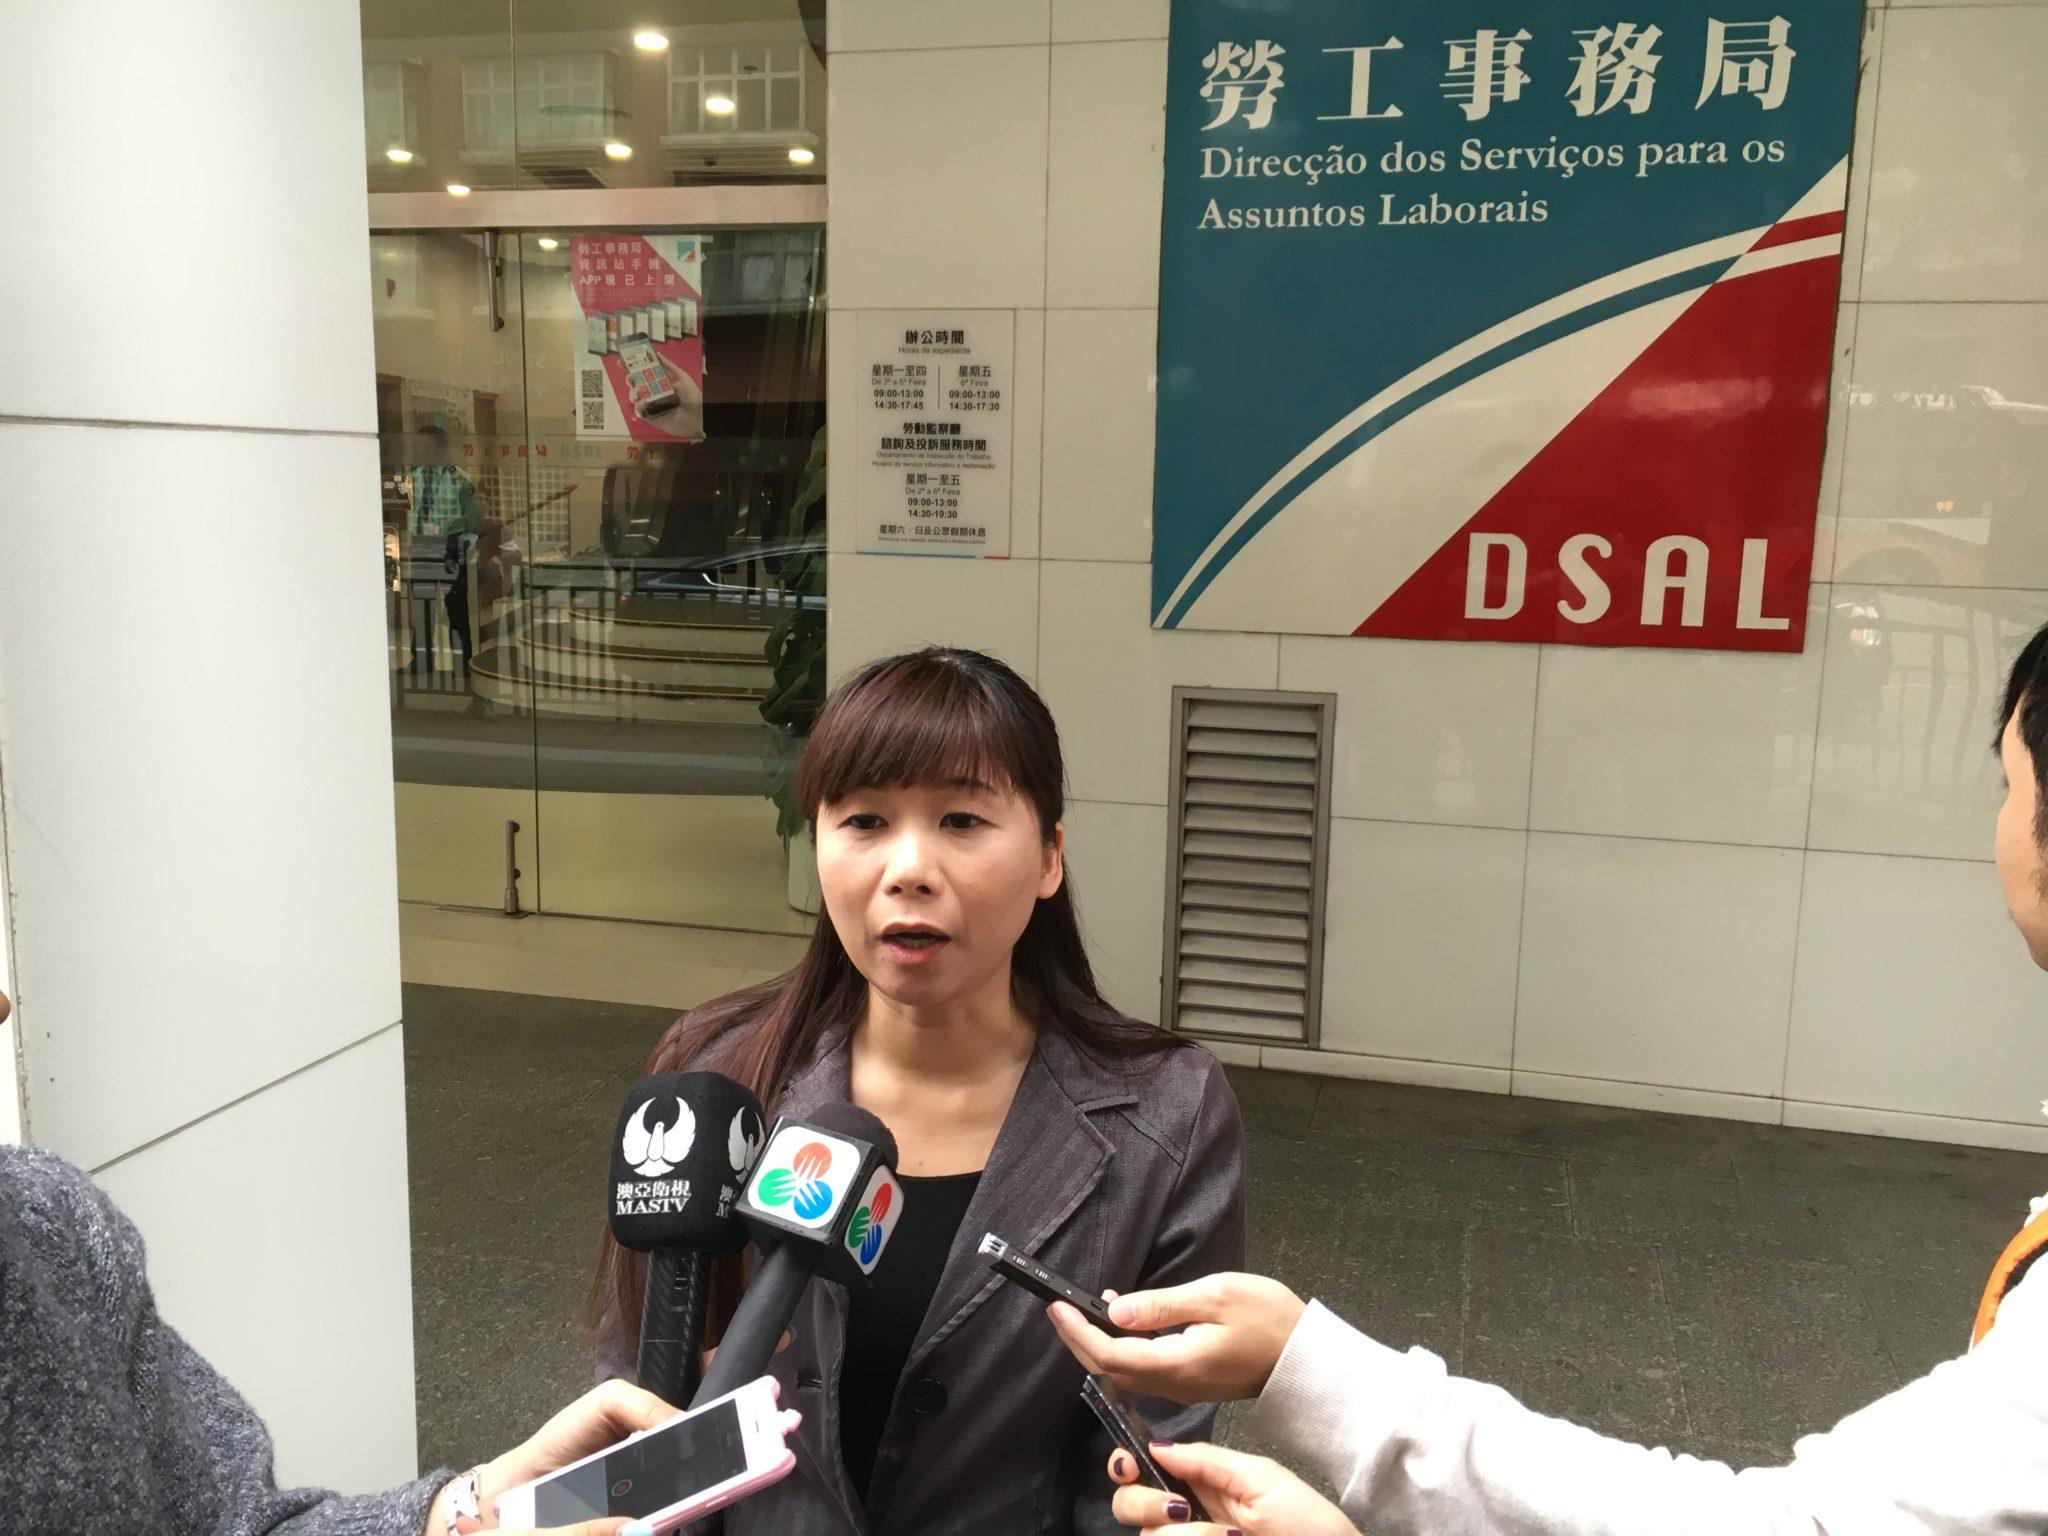 Cloee Chao questiona utilidade da DSAL na resolução de disputas